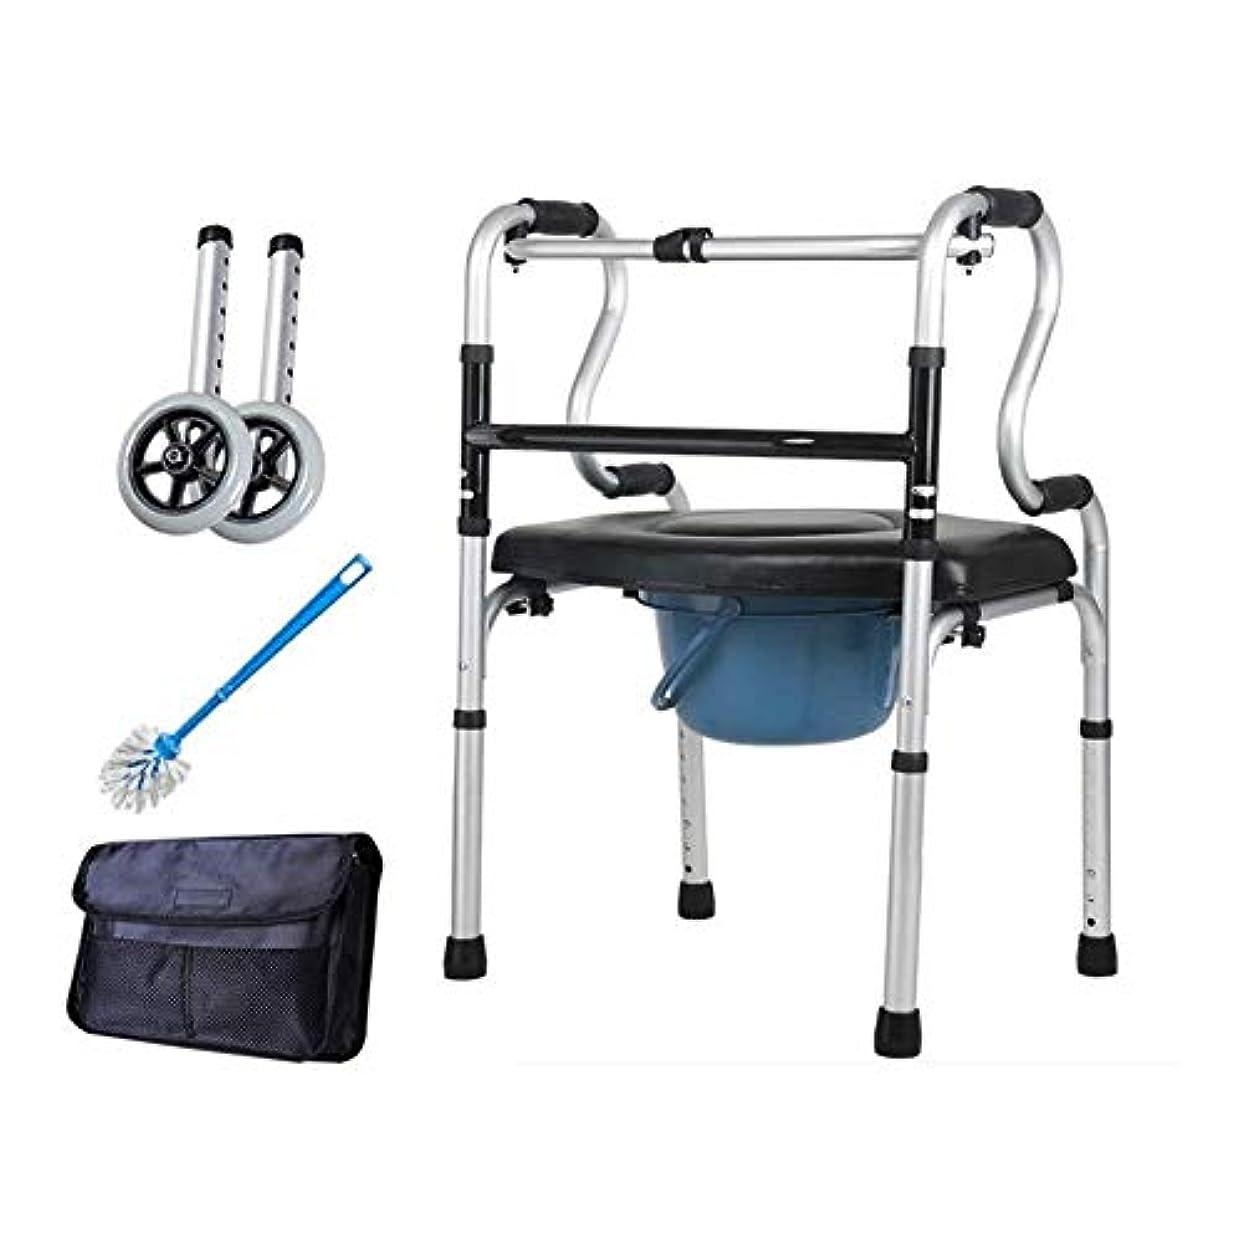 してはいけません肌人気の軽量アルミニウム歩行トロリー、折りたたみ式調節可能な歩行装置、便器付き防水ソフトシート、キャリーバッグ